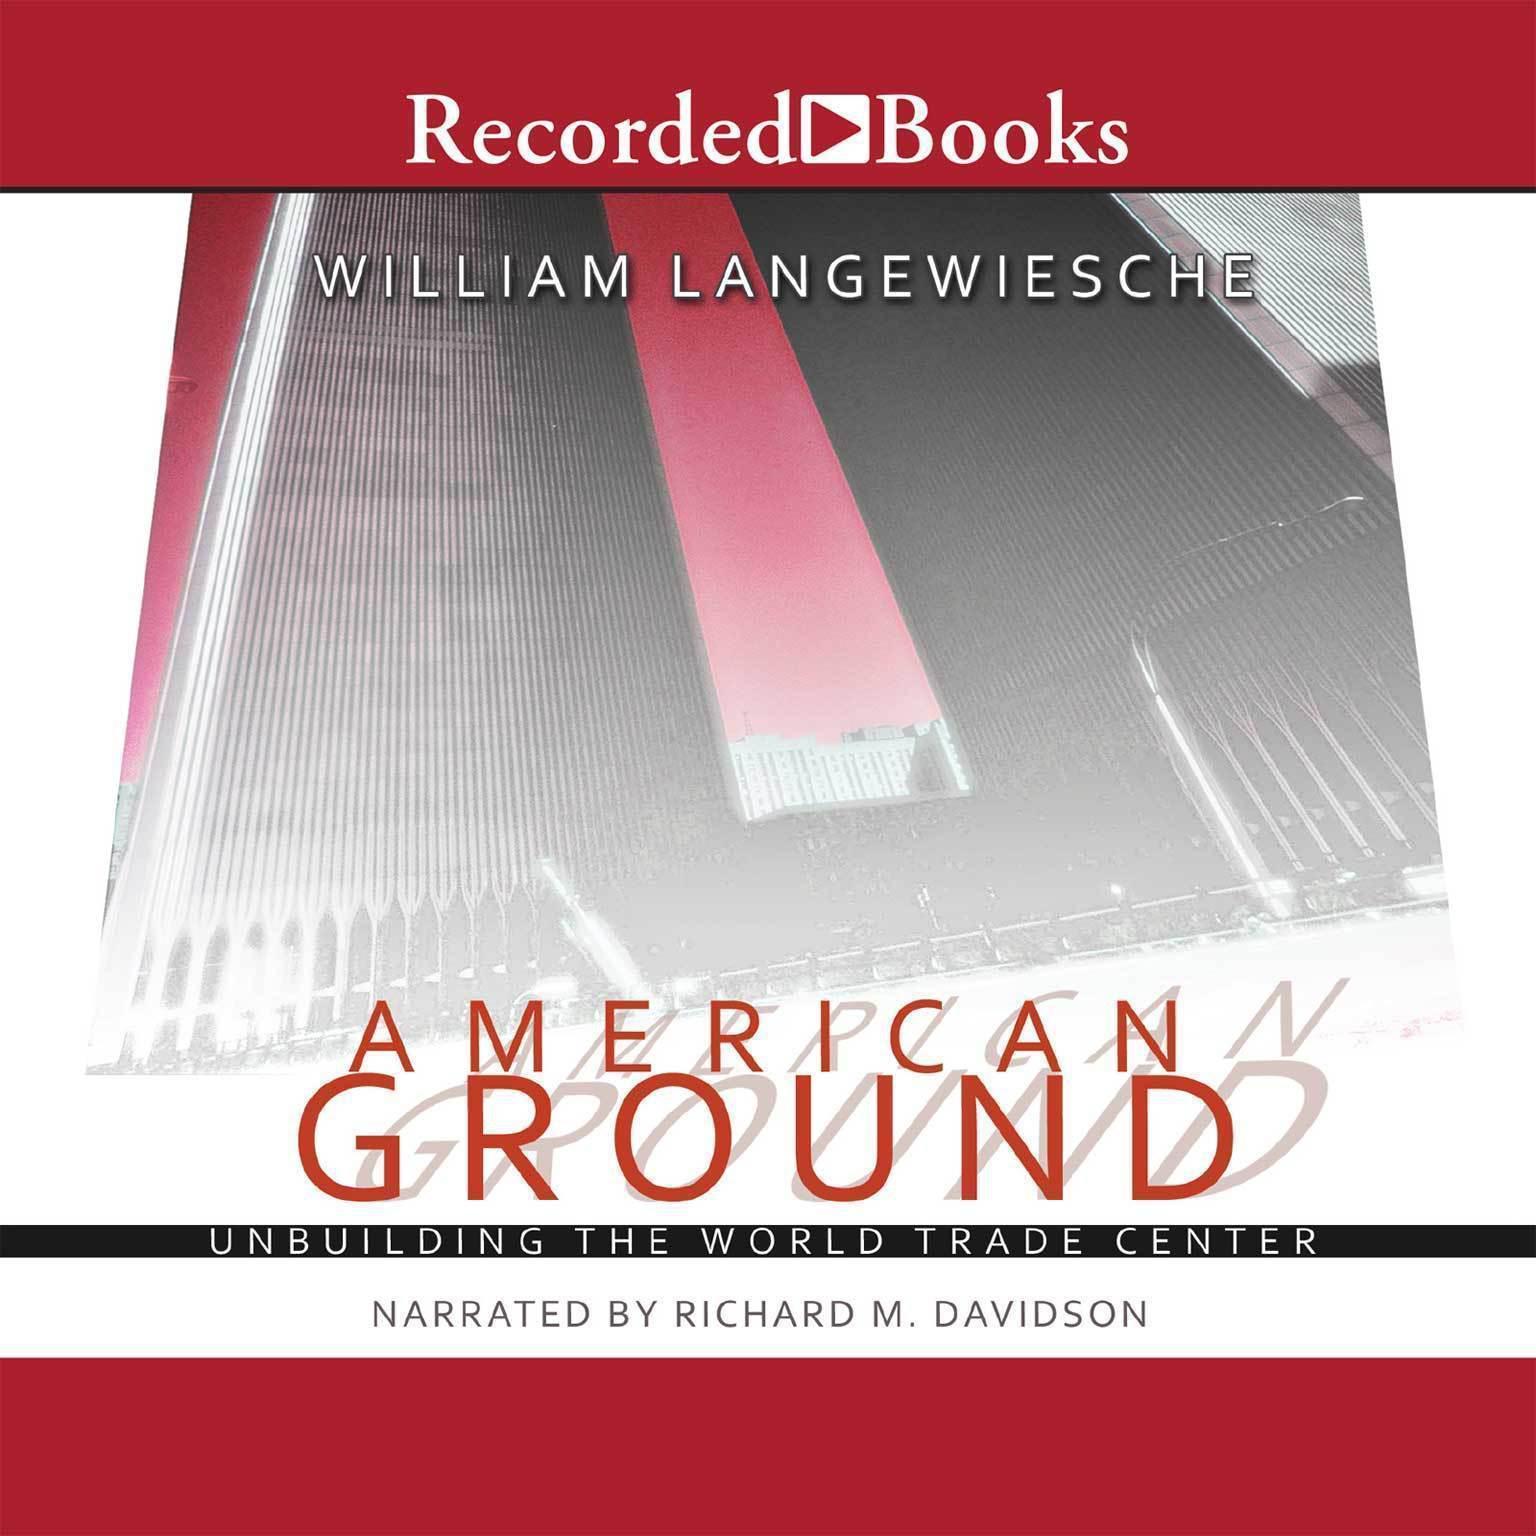 American Ground: Unbuilding the World Trade Center Audiobook, by William Langewiesche